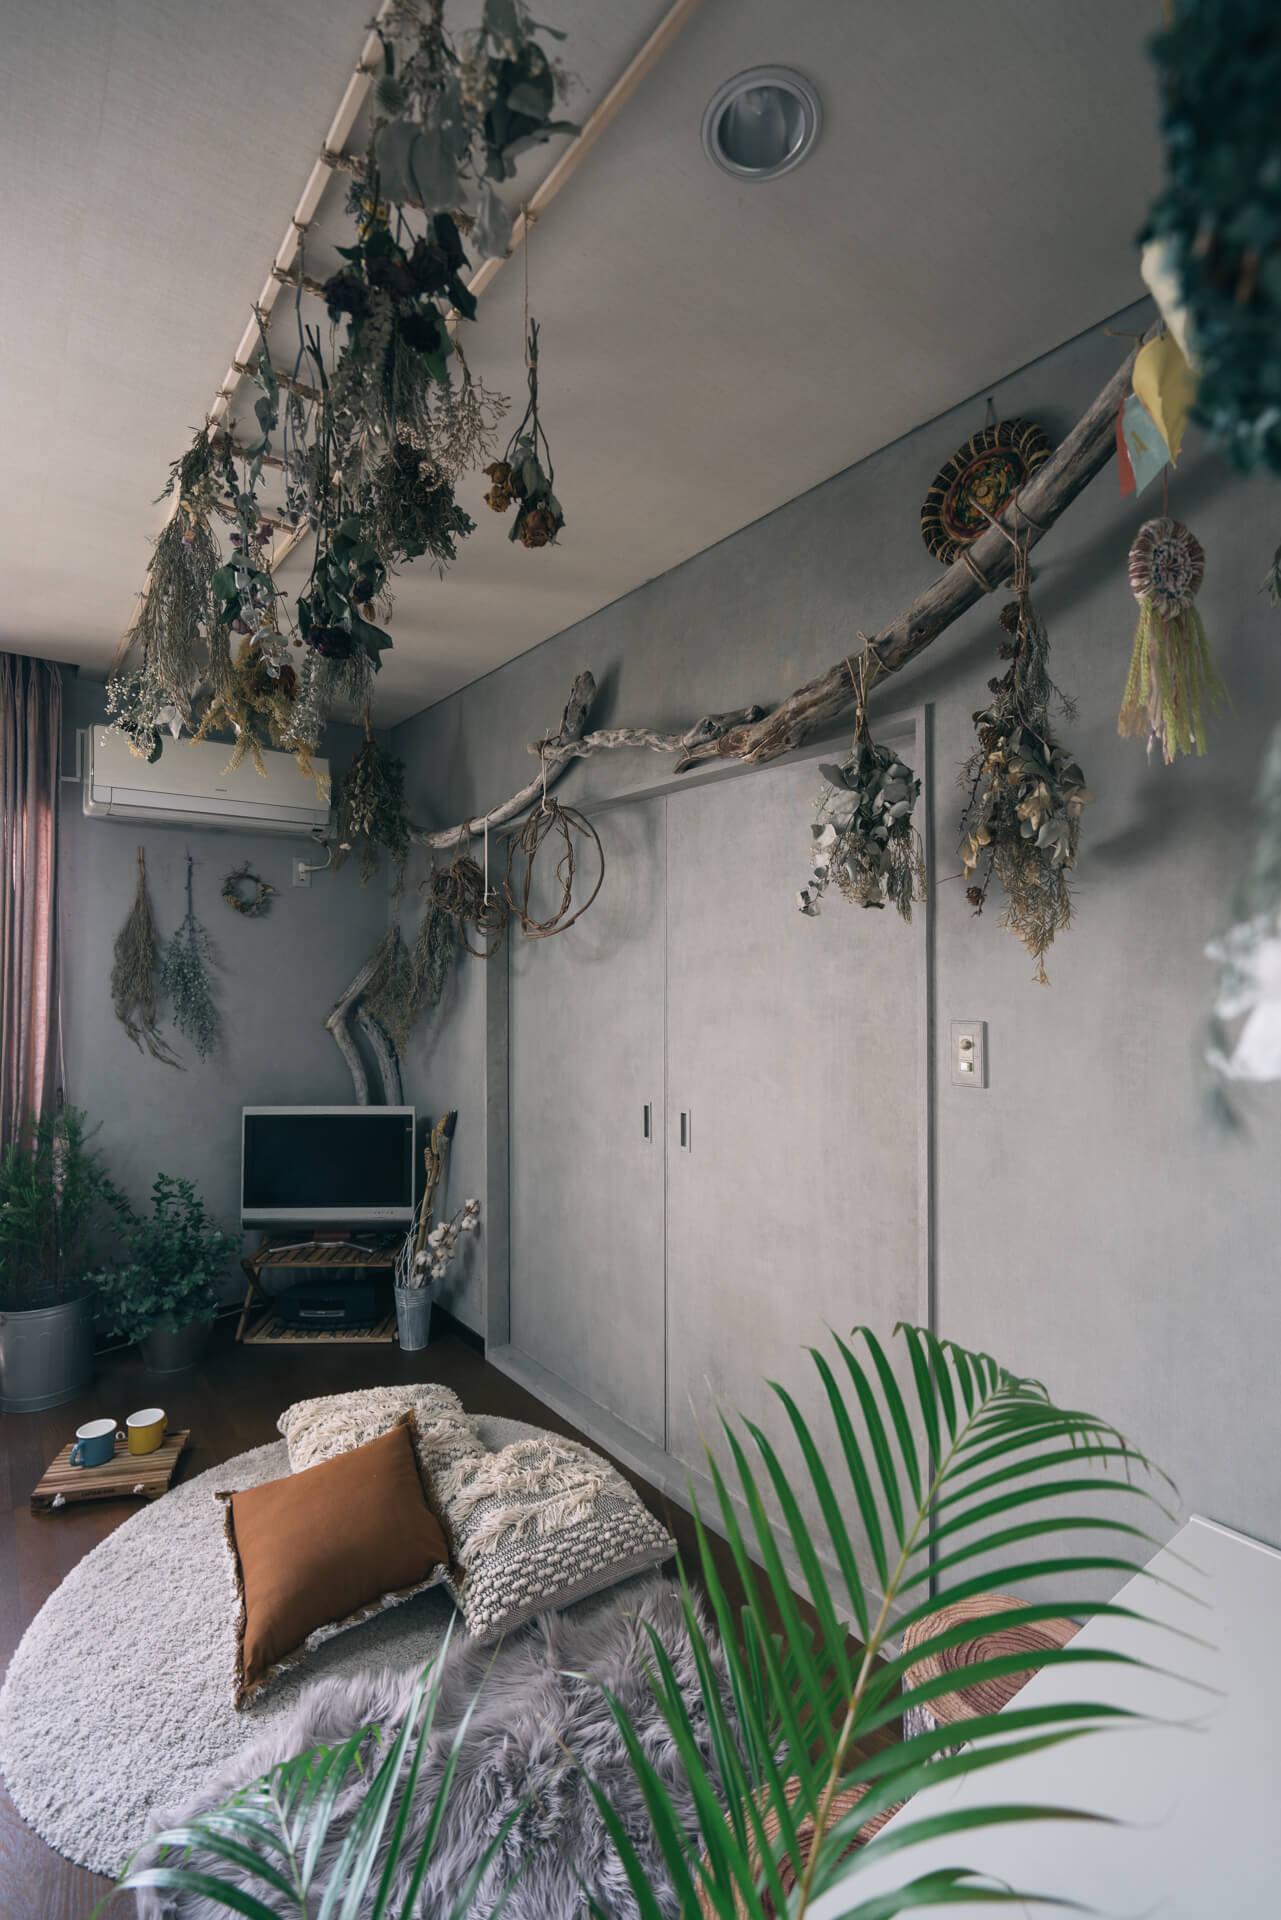 流木や、ドライフラワーがたくさん飾られ、部屋の中でもピクニックしてるみたいな気分!壁は雰囲気に合うよう、自分でペイントしました。